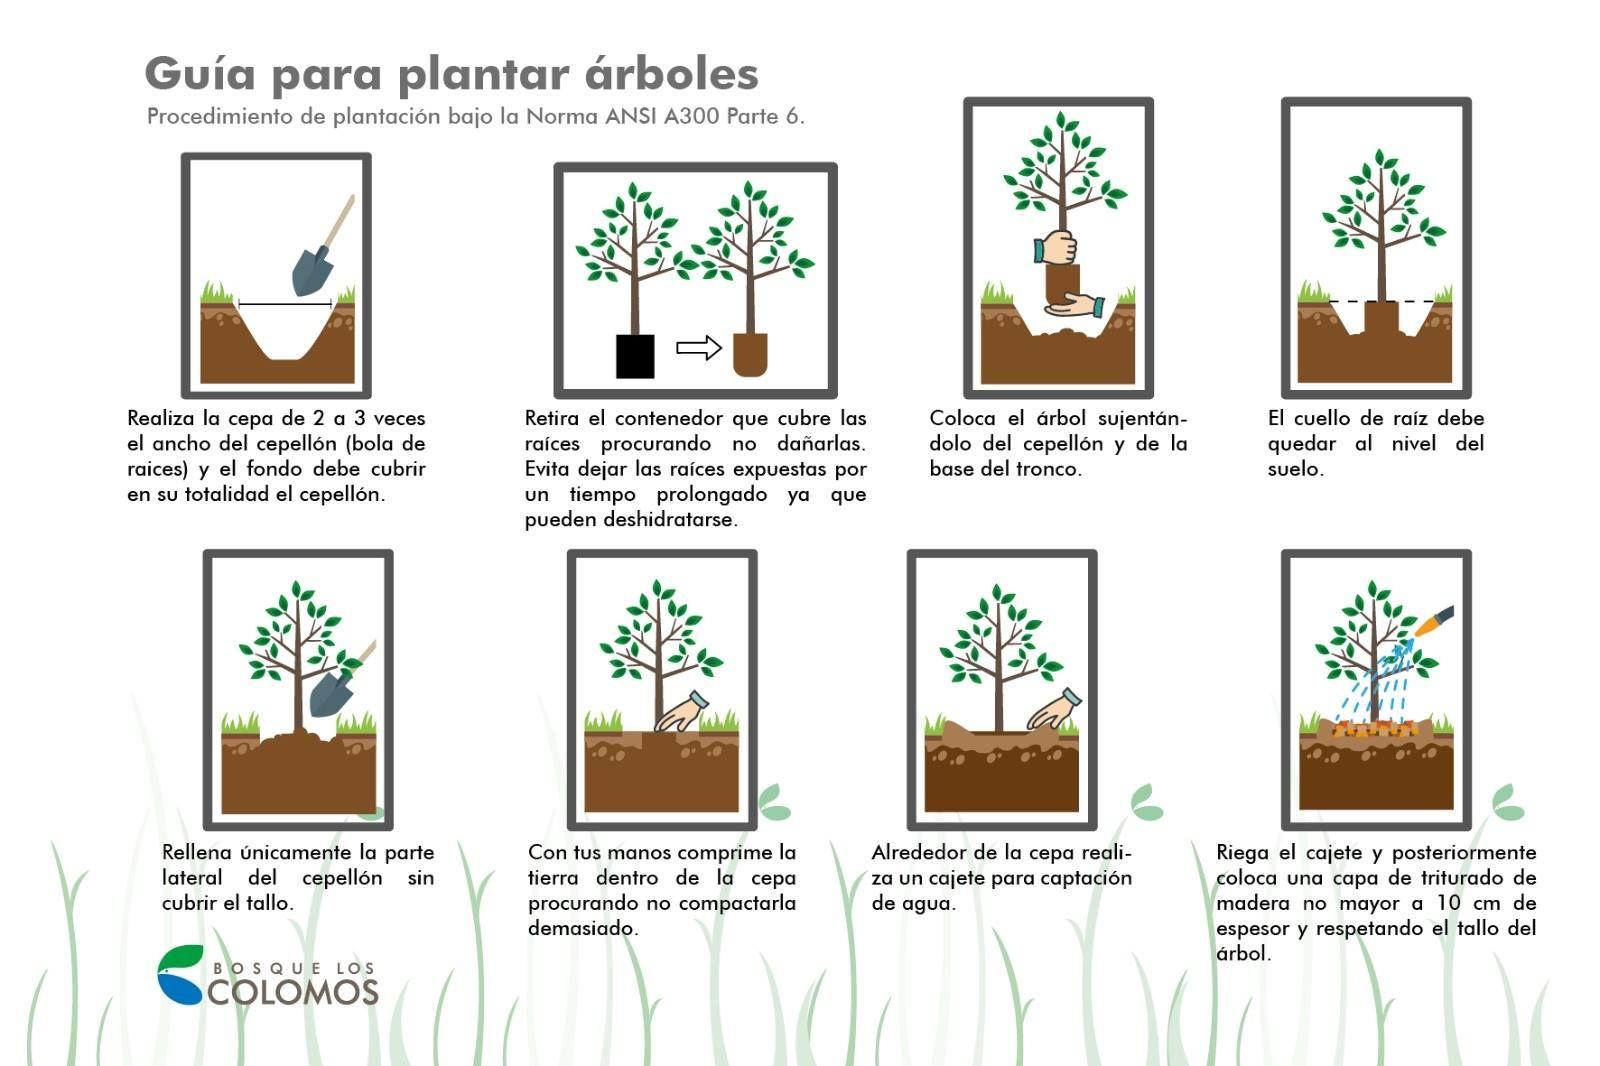 Conoce los pasos para plantar un rbol bajo la norma ansi for Pasos para sembrar una planta